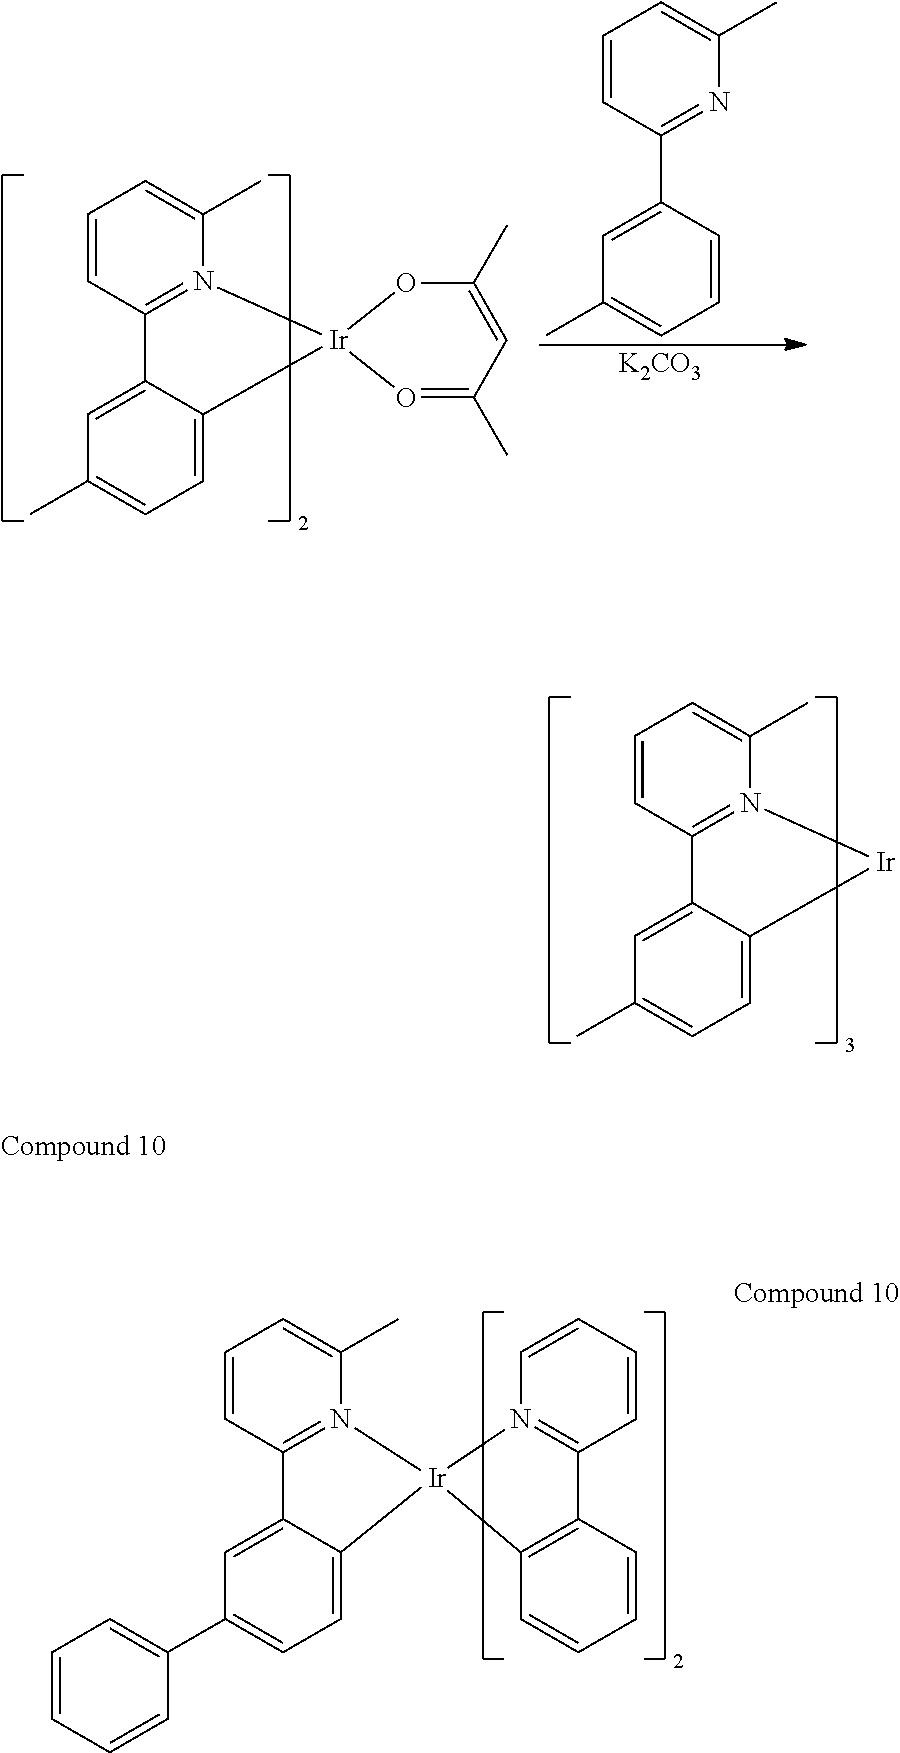 Figure US09899612-20180220-C00076